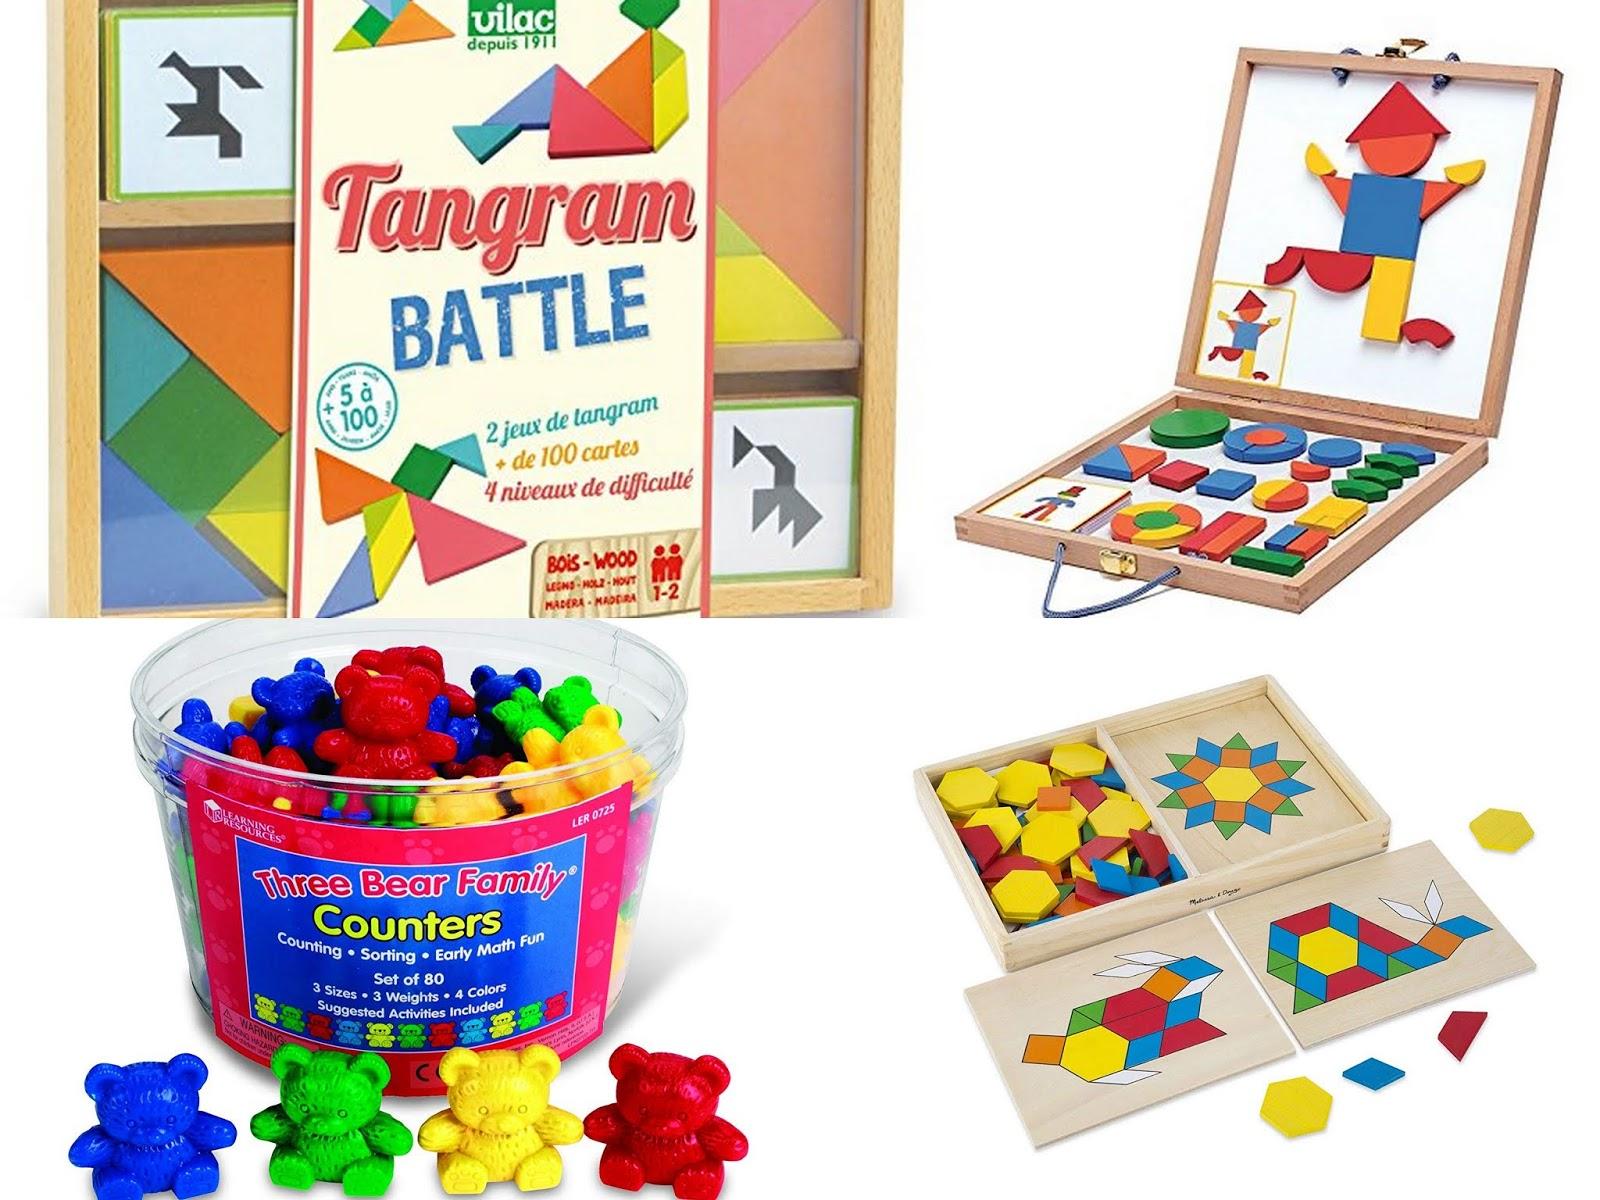 Idee Cadeau Petite Fille 3 Ans.Maaademoiselle A Idees Cadeaux D Anniversaire Pour Une